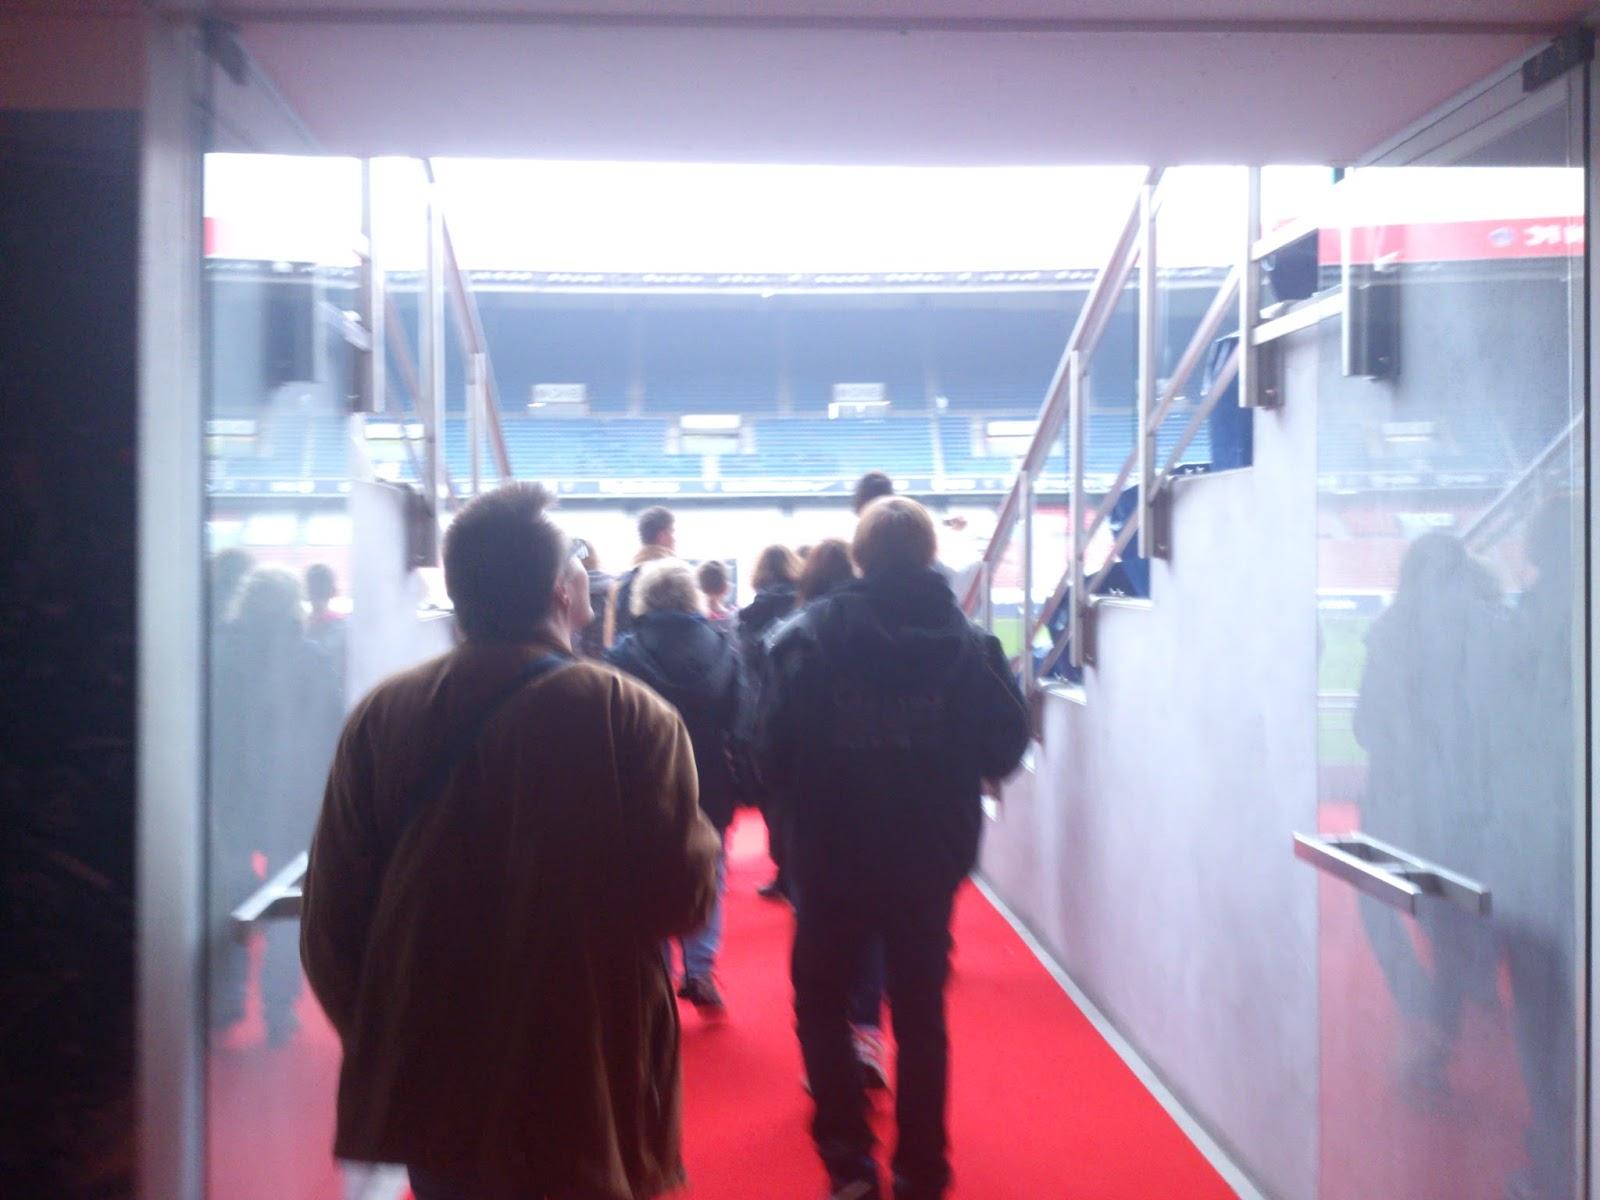 [写真] パリ・サンジェルマンFCのパルク・デ・プランス見学ツアー